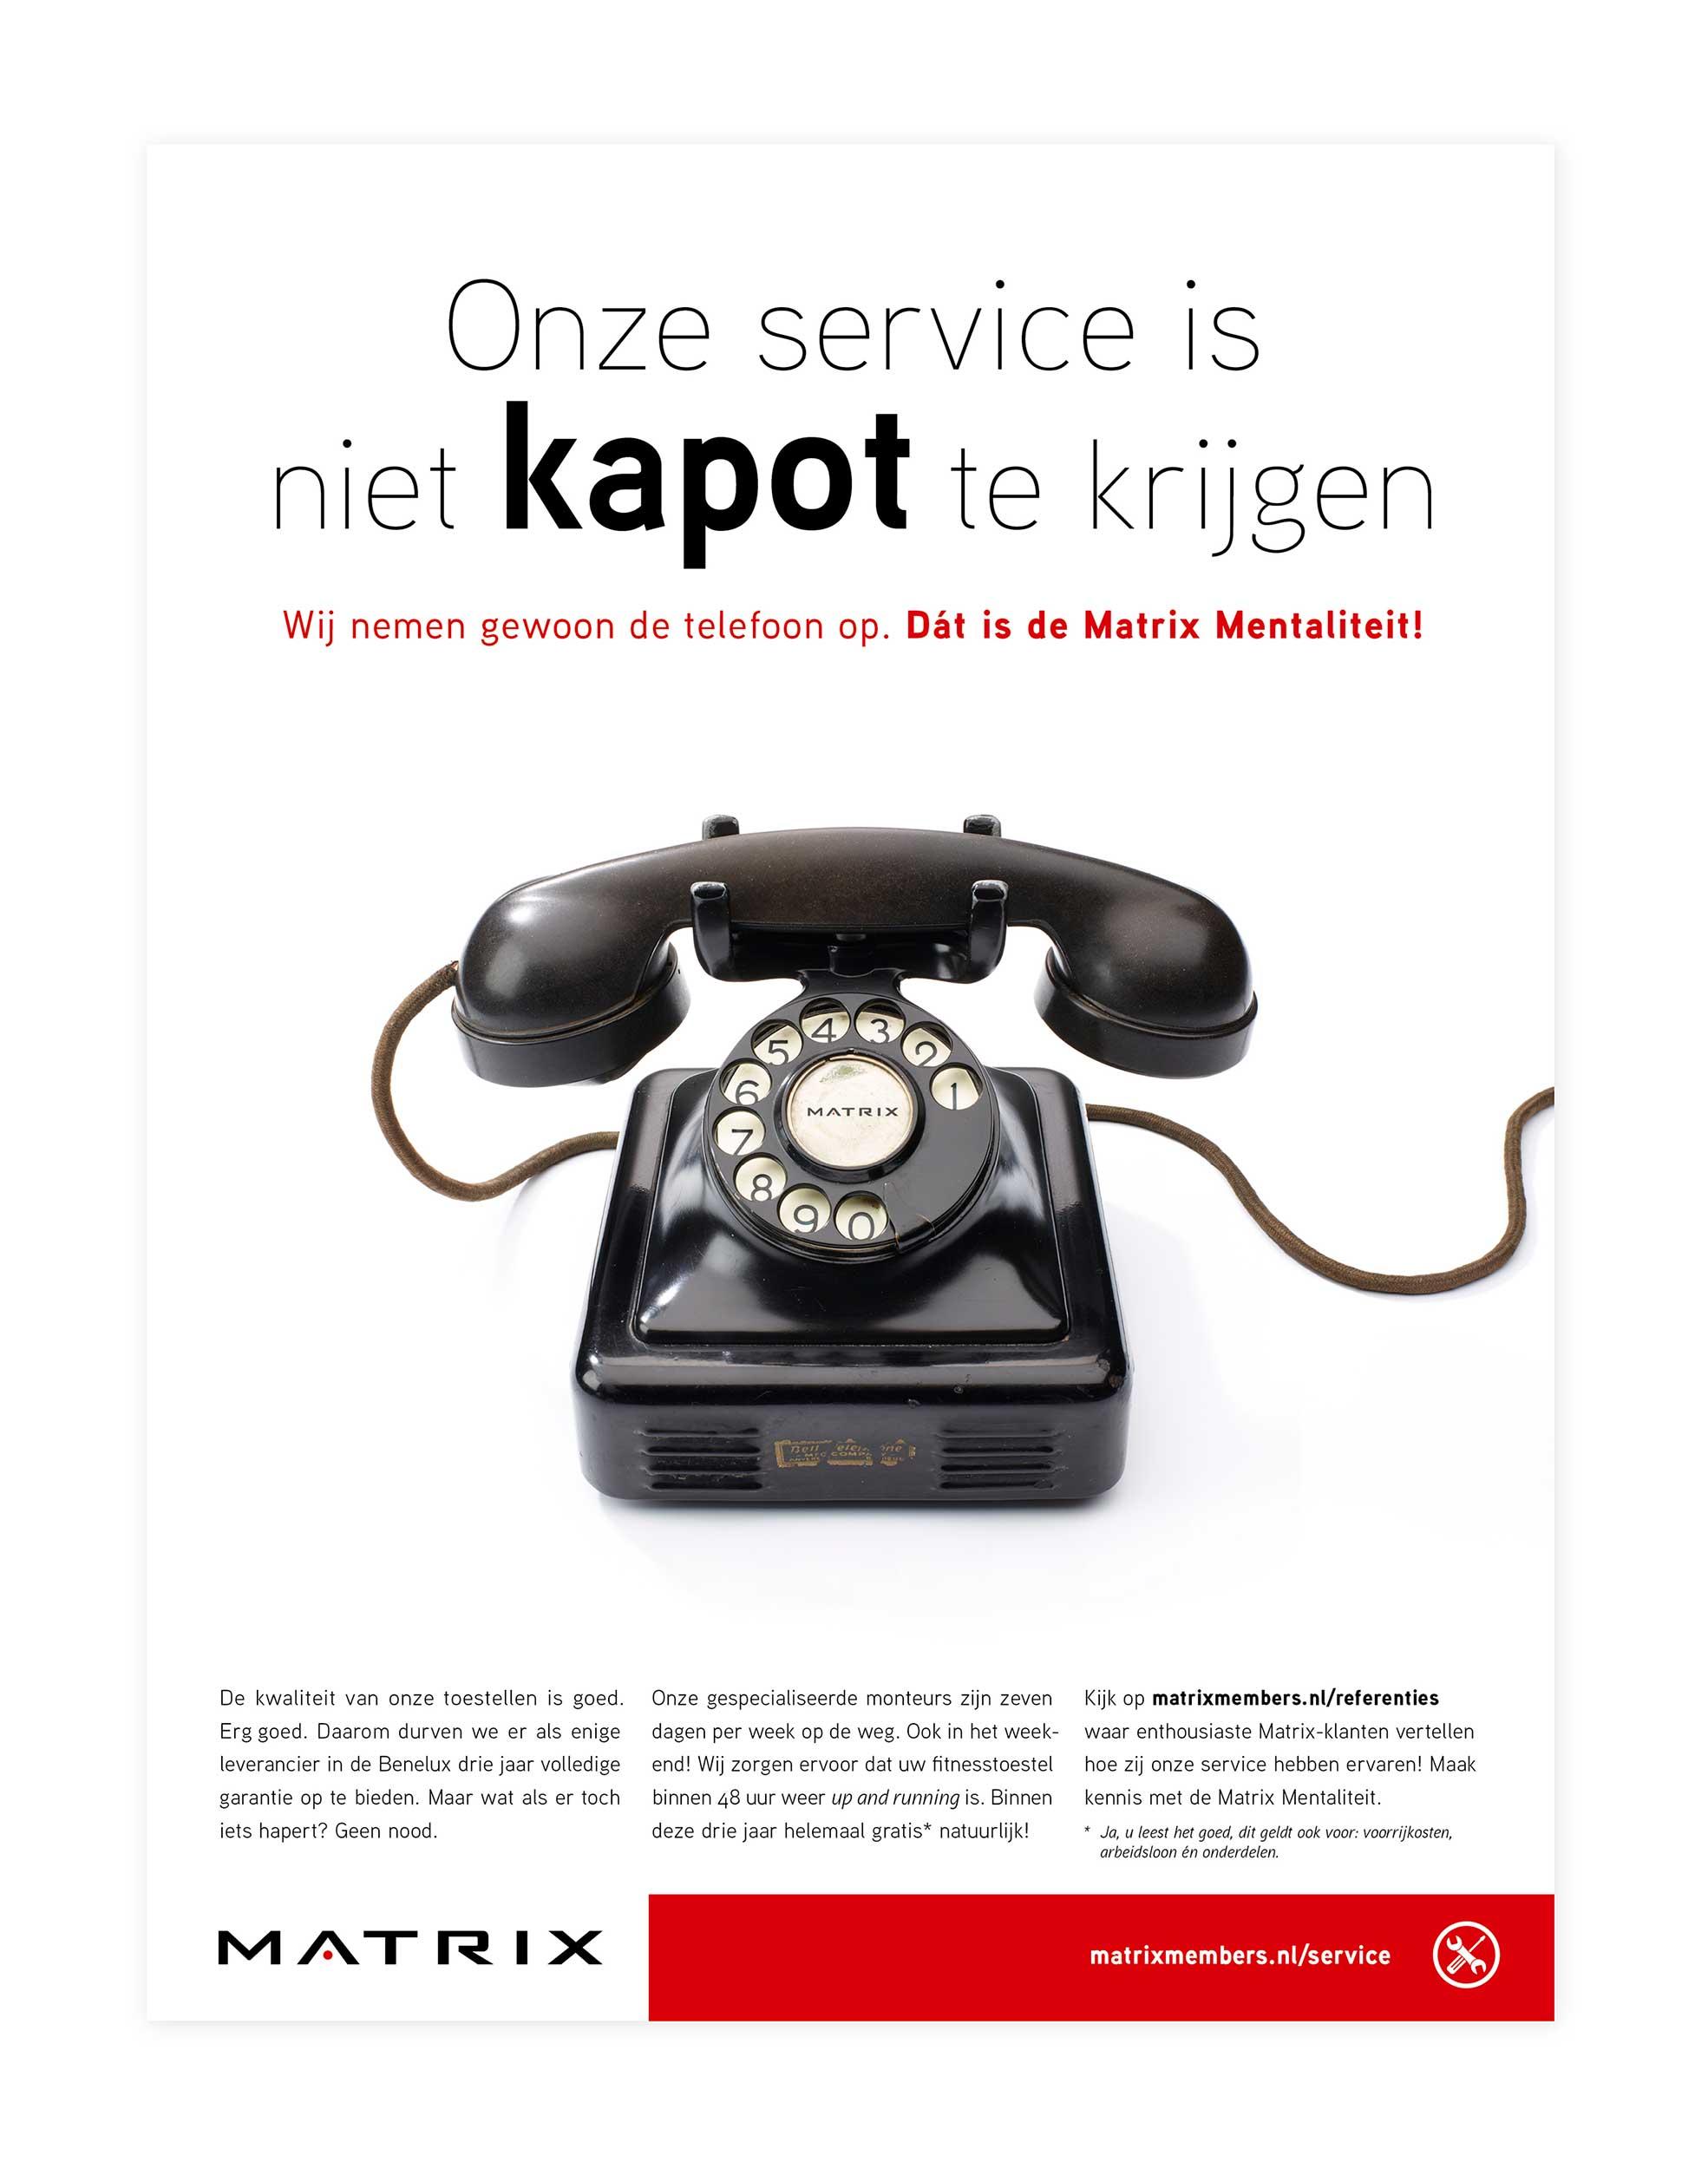 Service-advertentie Matrix, ff bellen, we nemen gewoon de telefoon op!